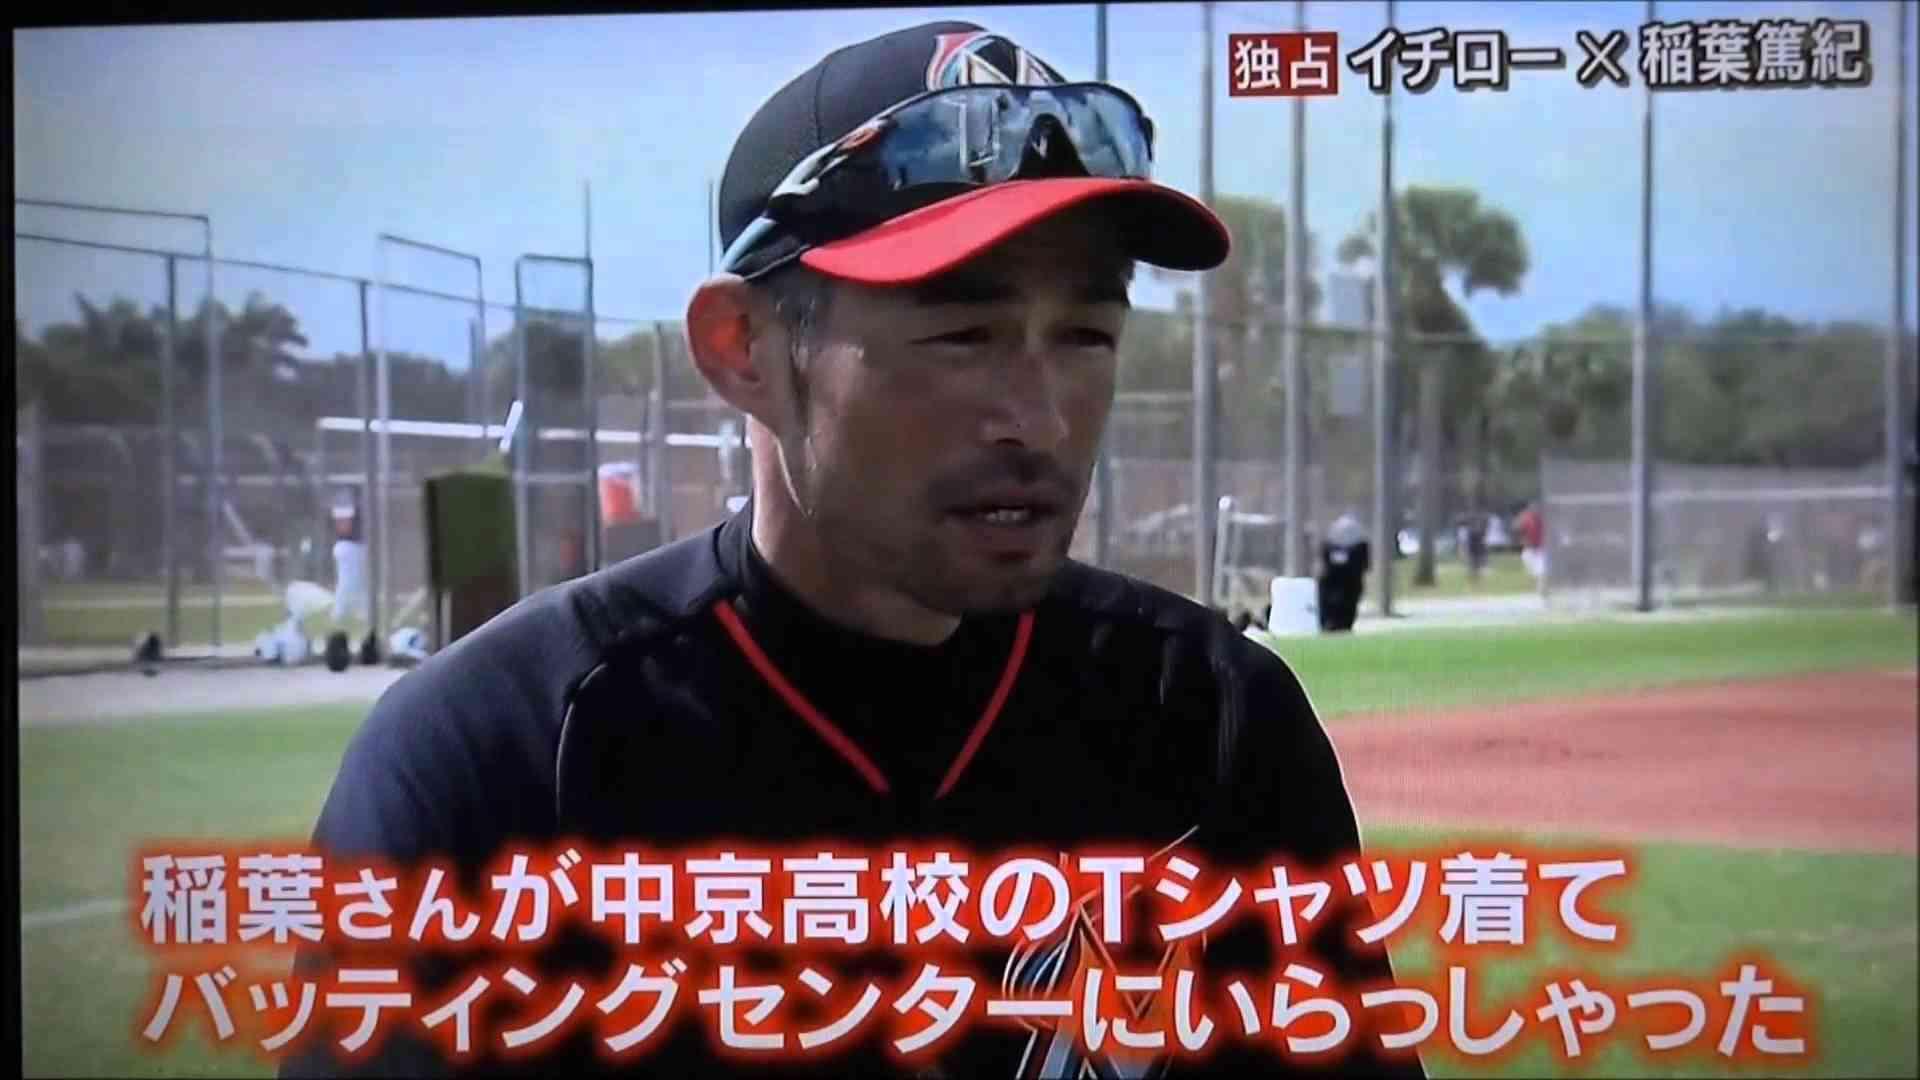 稲葉篤紀×イチロー対談インタビュー道